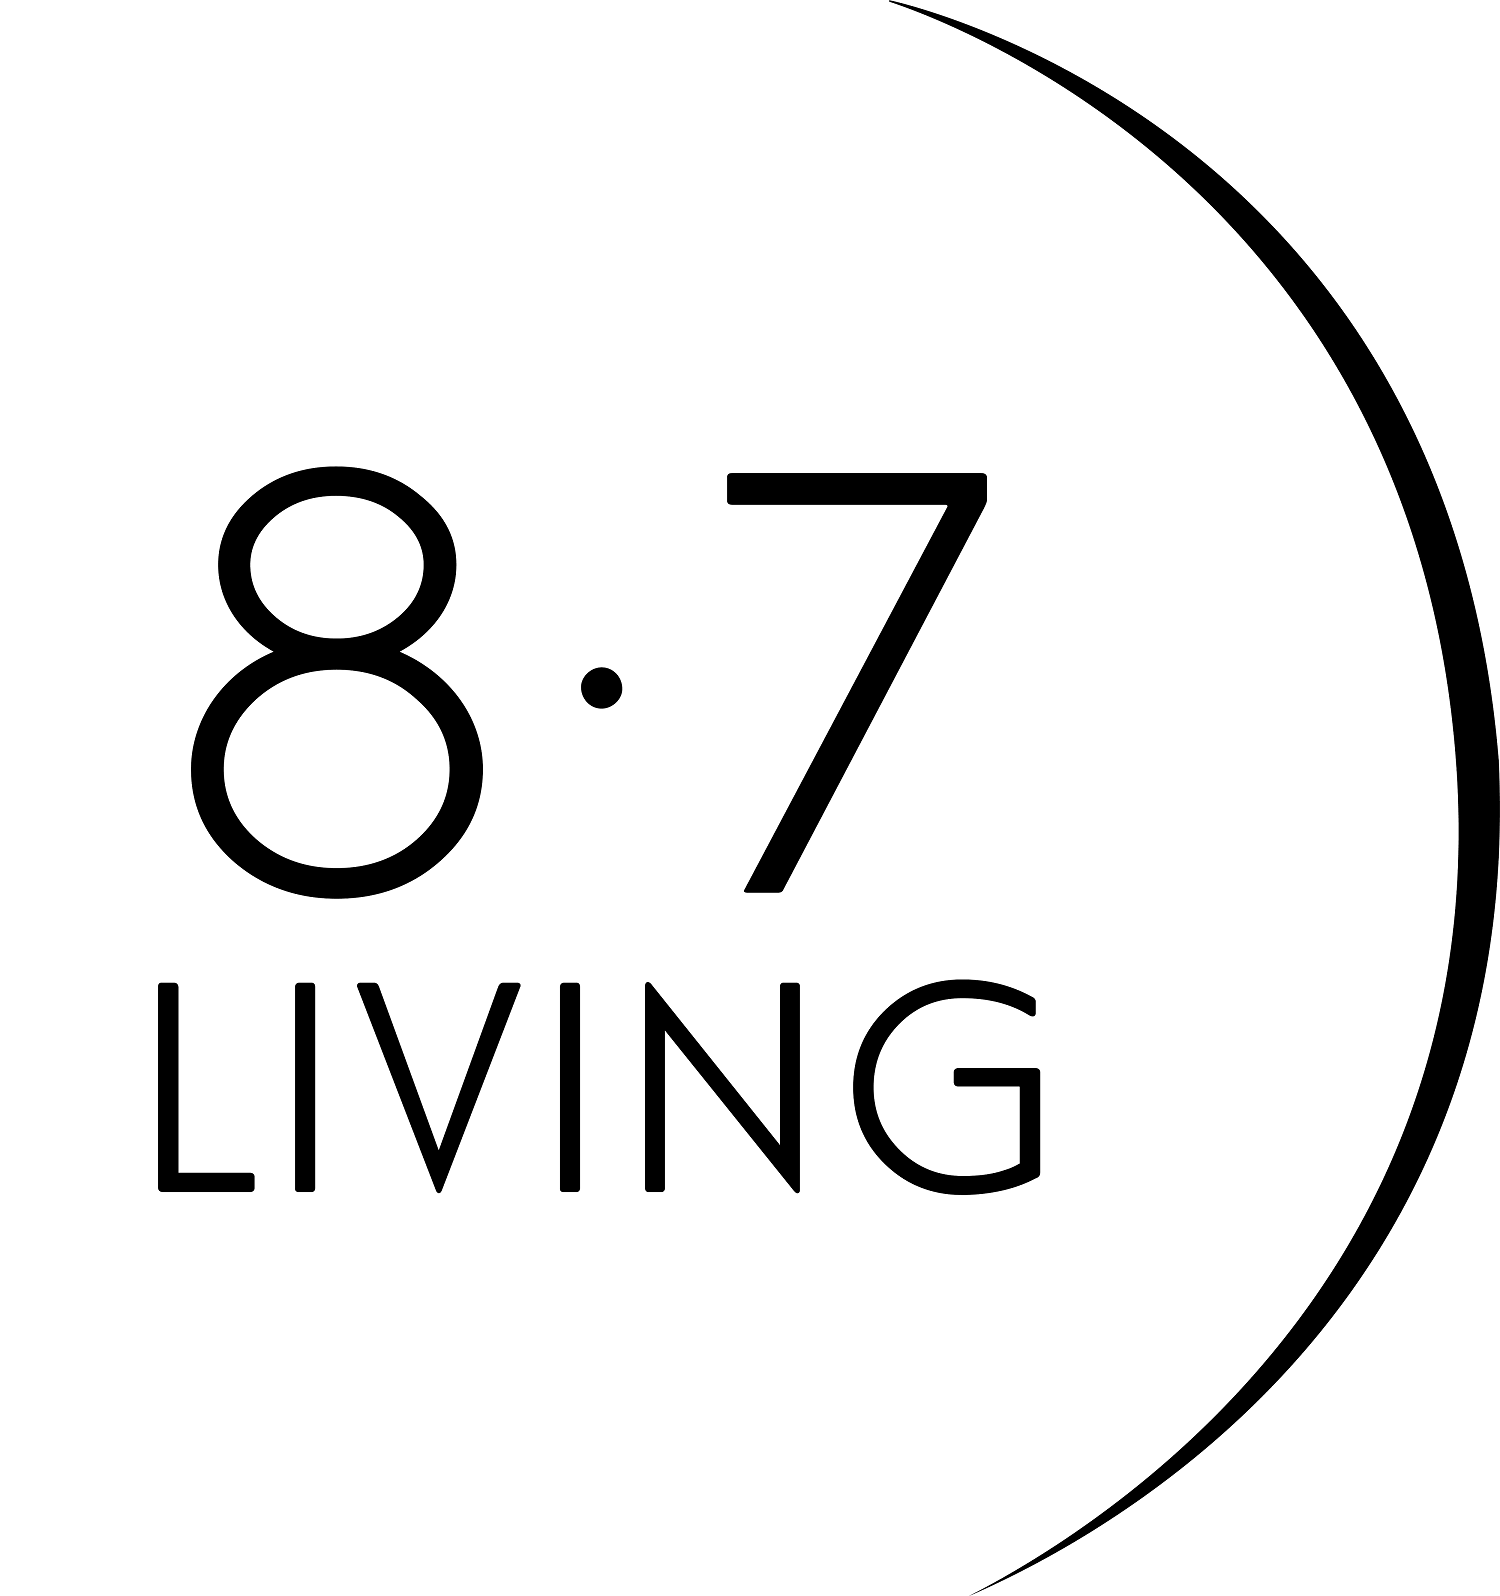 8.7 LIVING logo